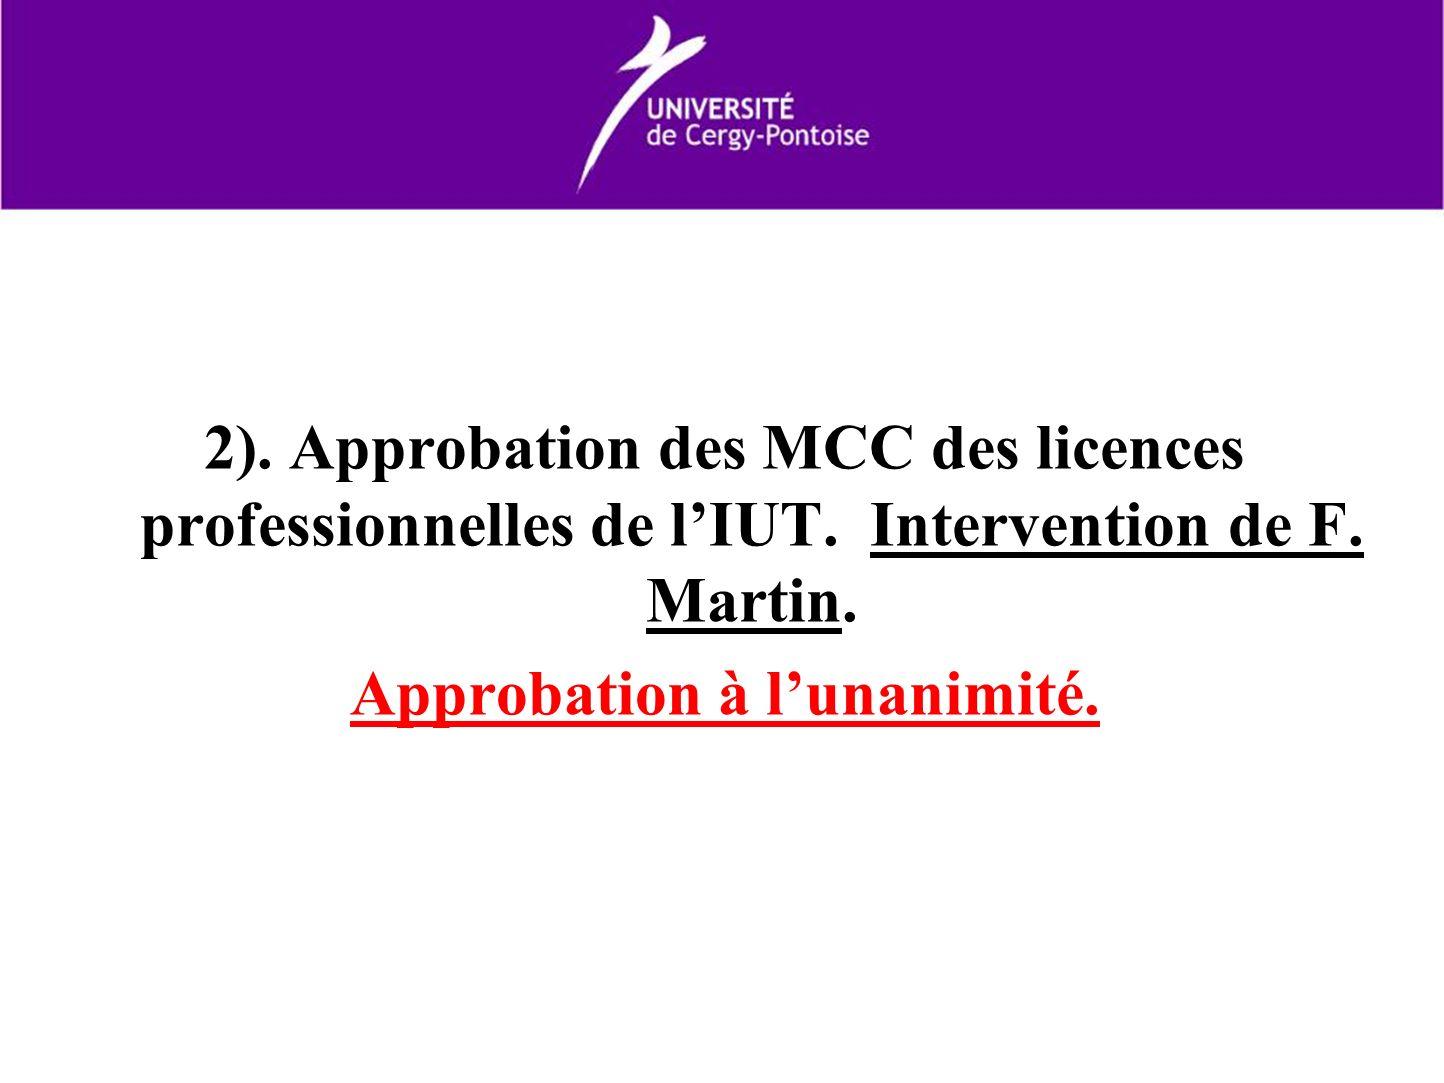 3). Point dinformation sur lEnquête nationale « Santé des étudiants ». Intervention dH. Thébault.